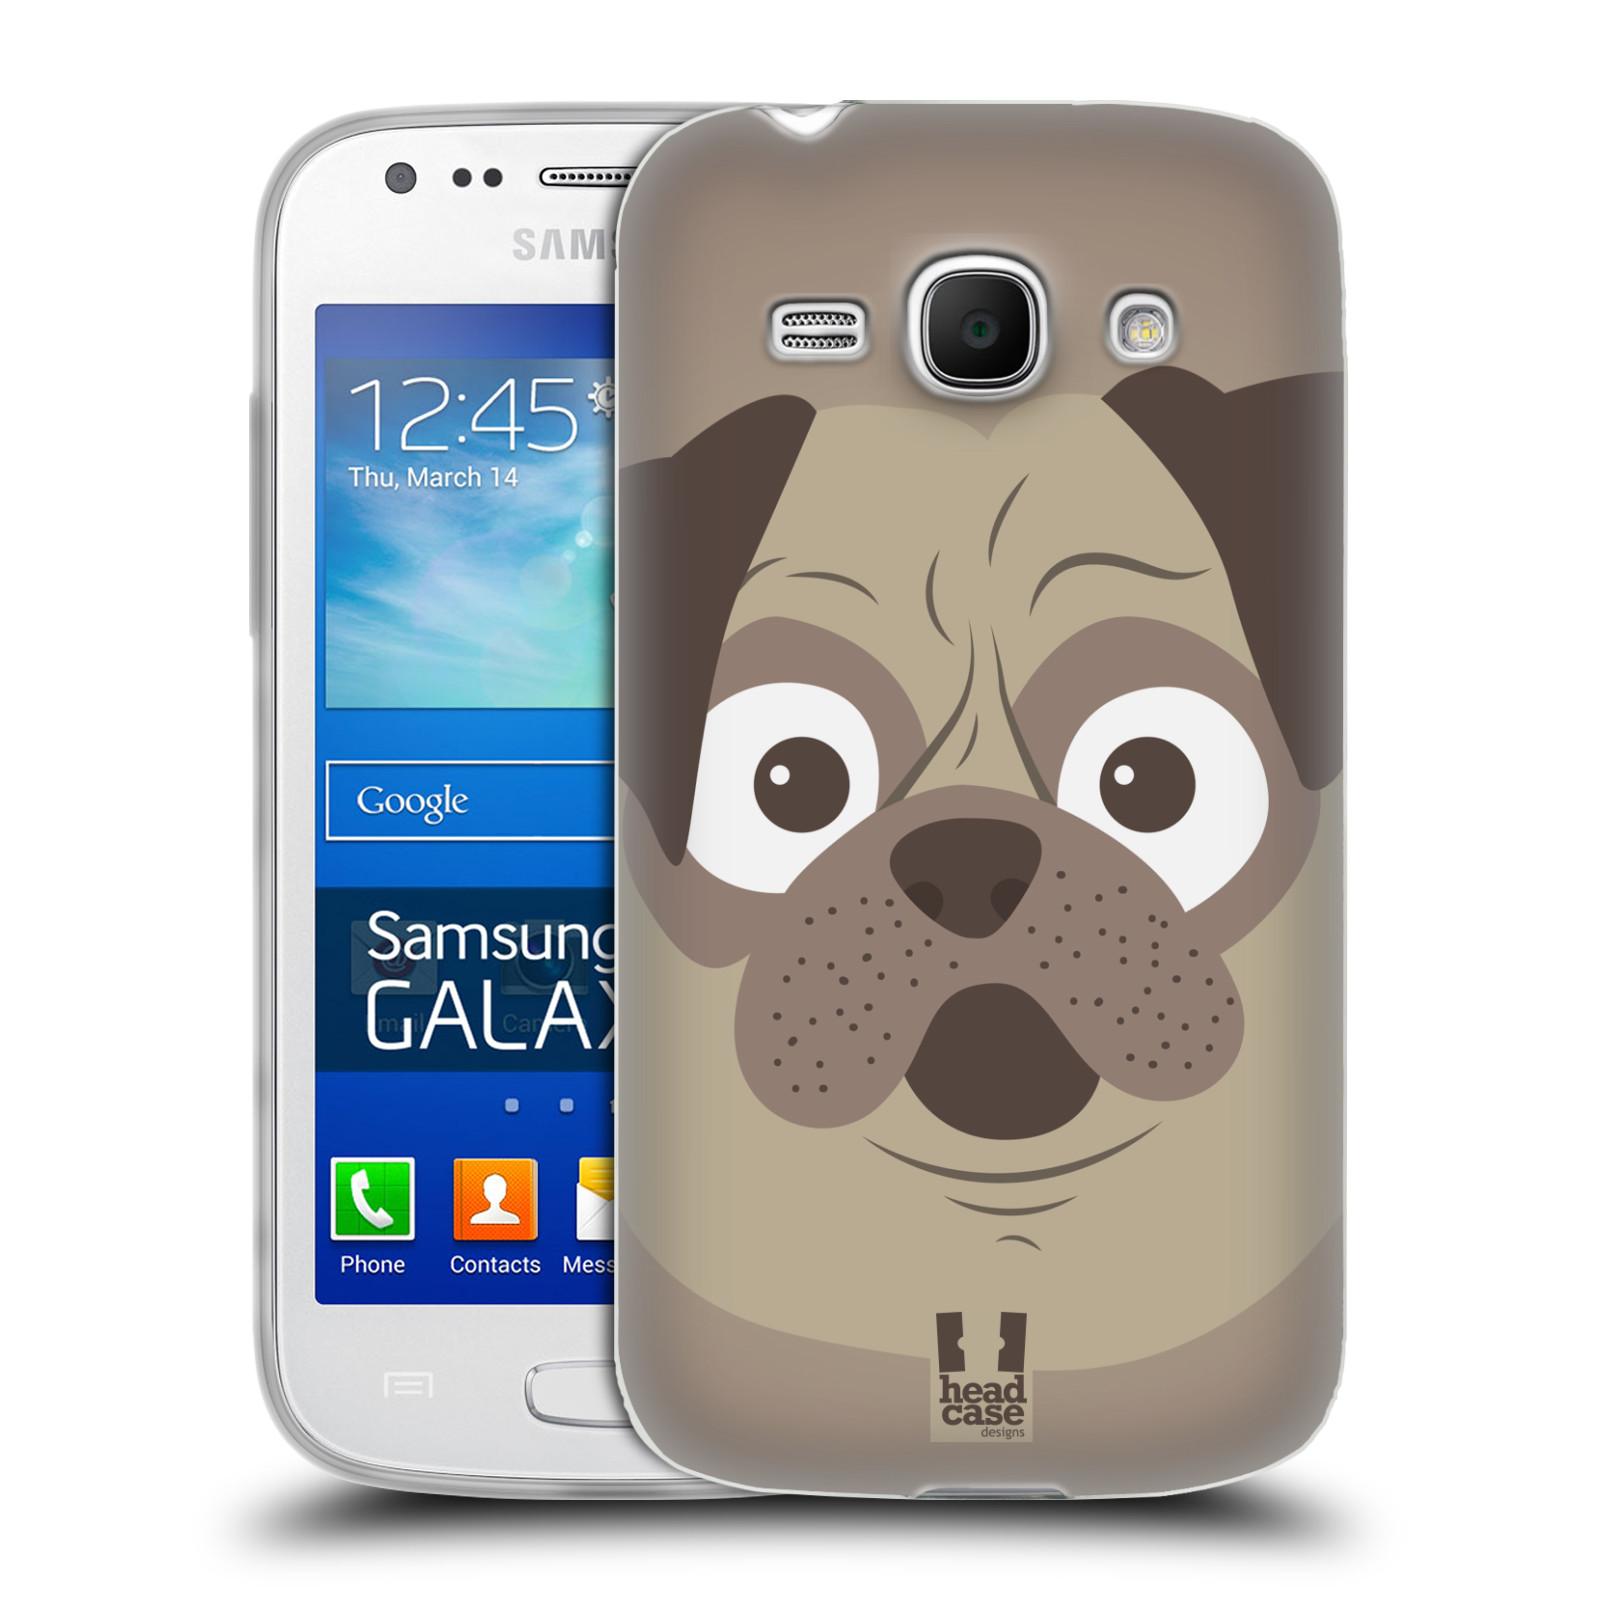 HEAD CASE silikonový obal na mobil Samsung Galaxy Ace 3 vzor Cartoon Karikatura barevná kreslená zvířátka pes mopsík